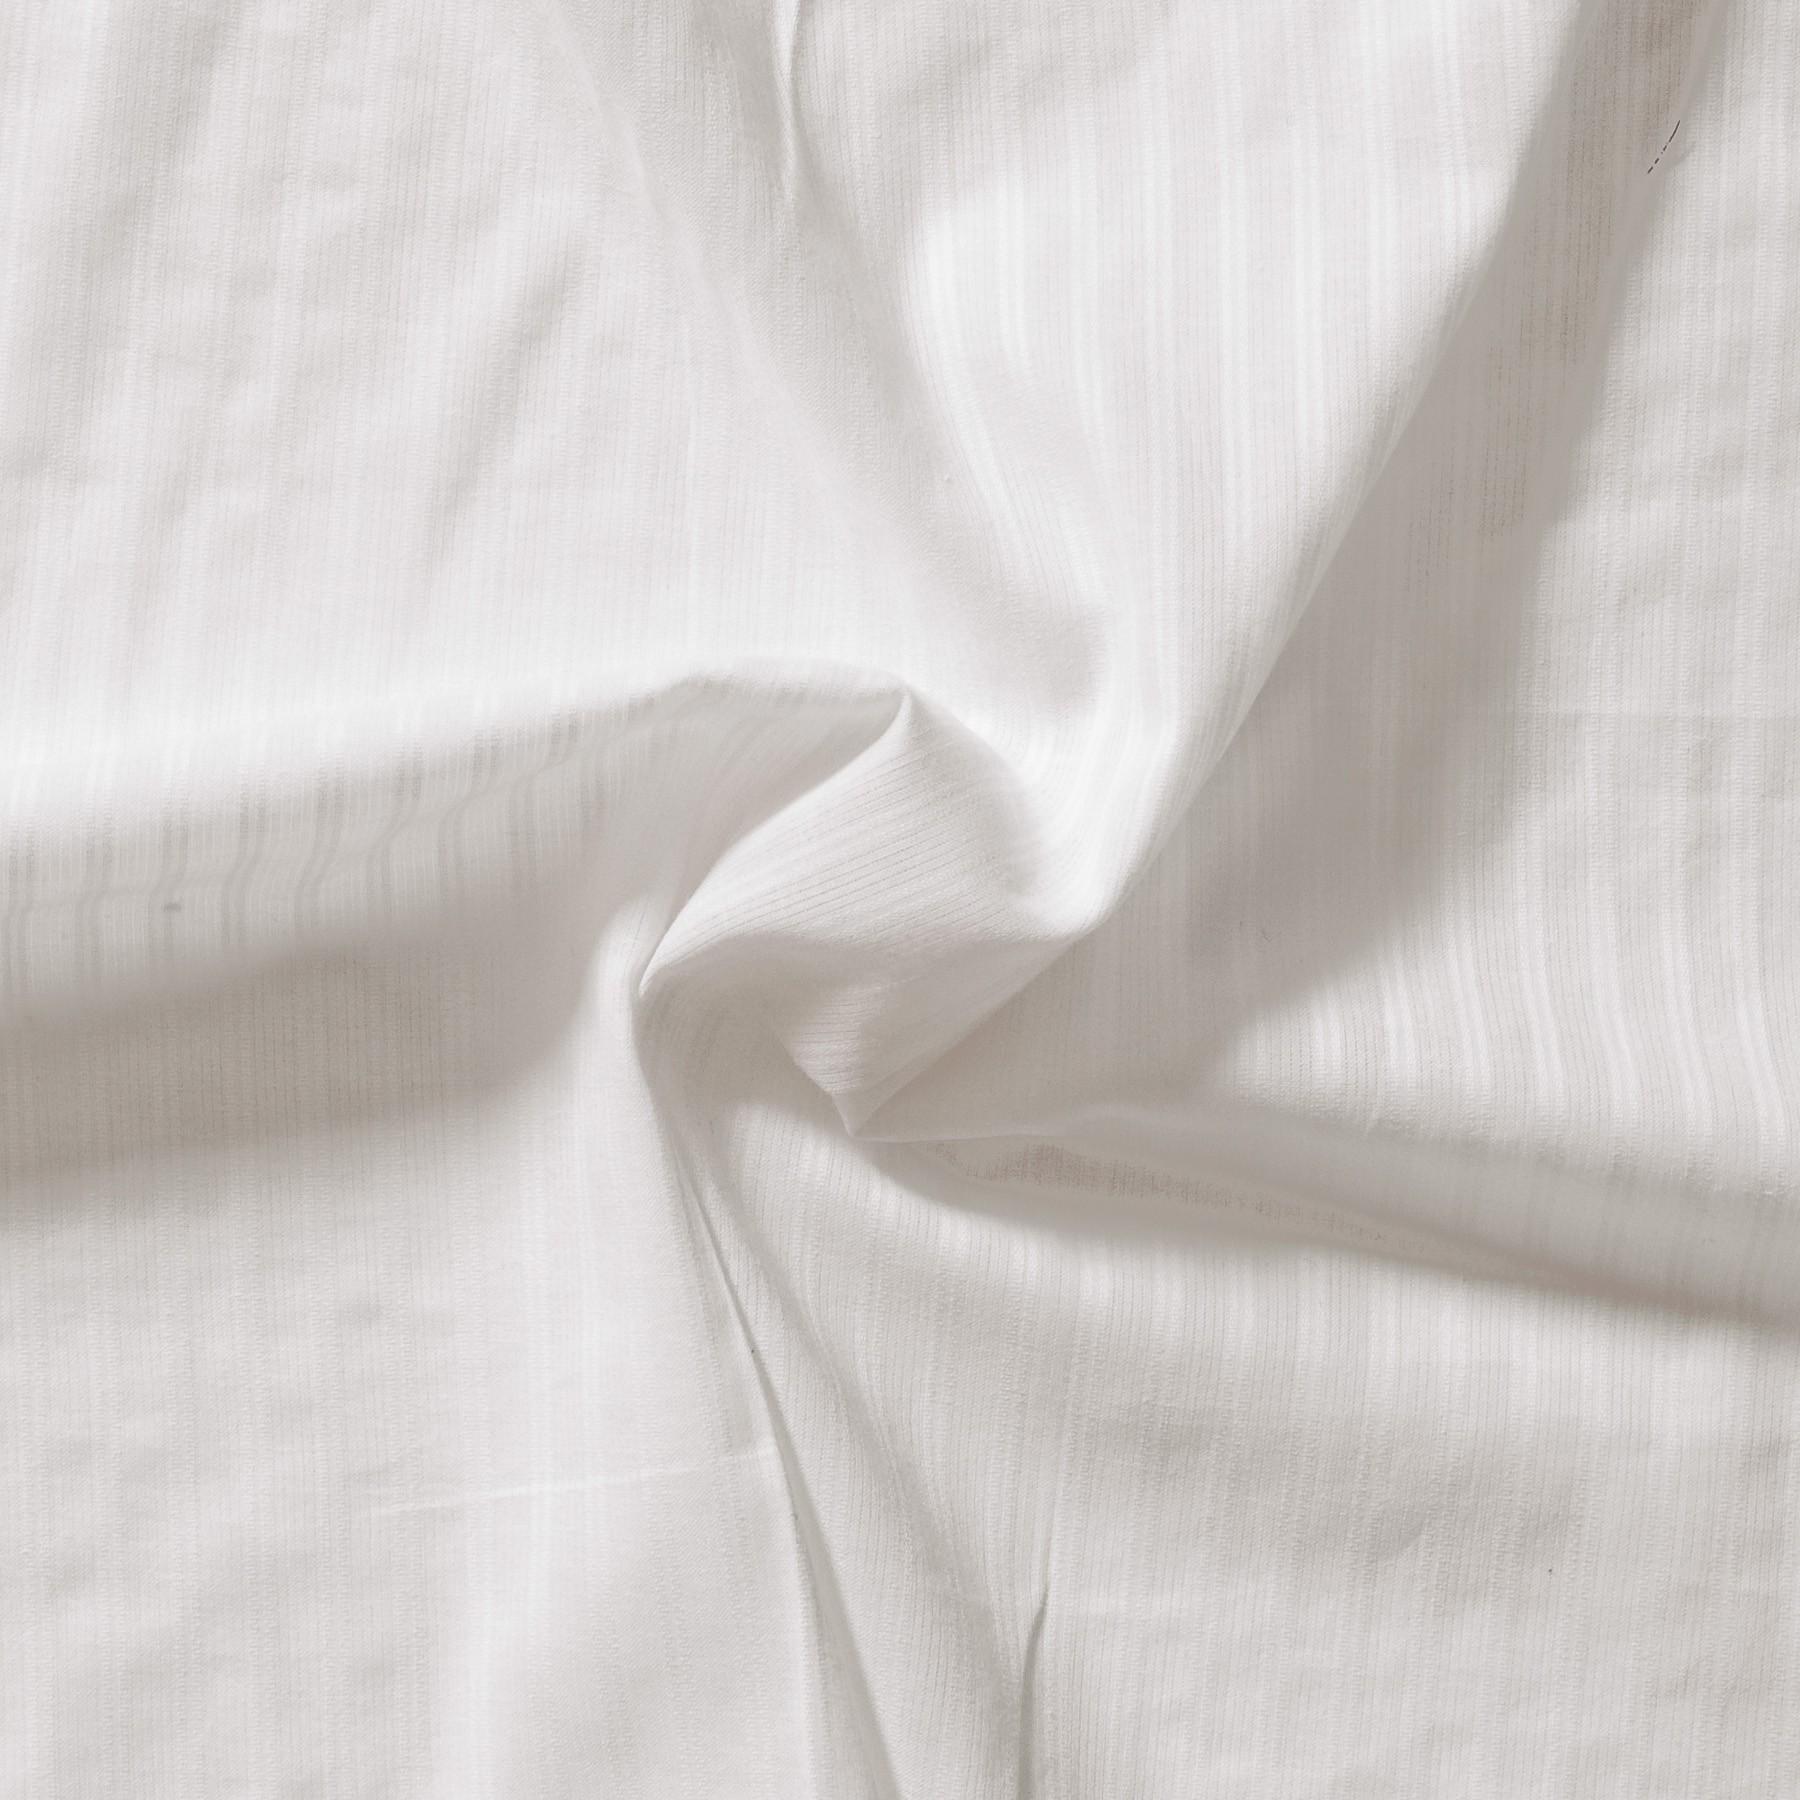 Bio Baumwolle Voile mit Nadelstreifen weiß